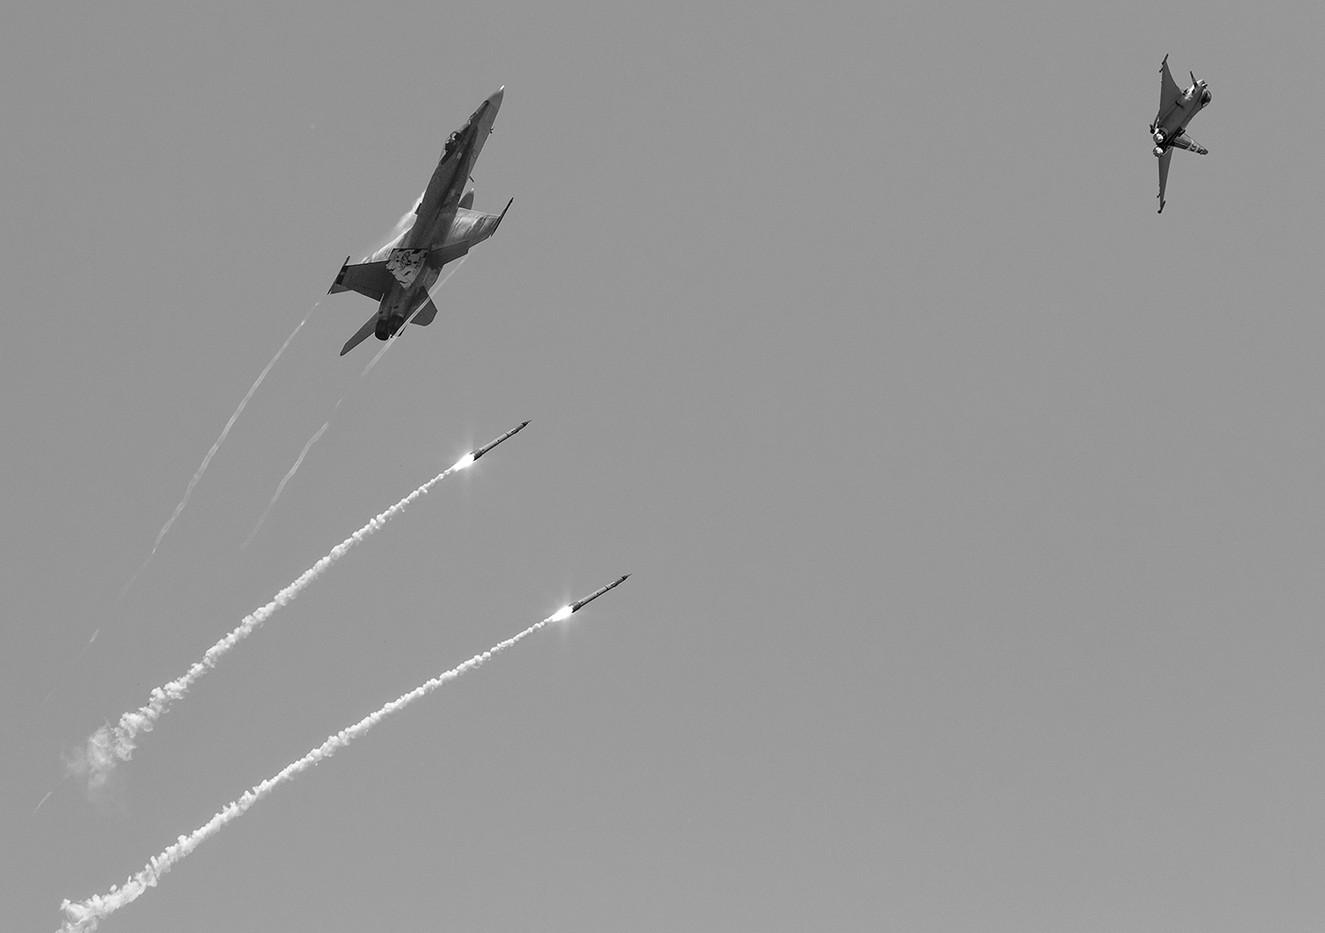 John Abbott   Super Hornet Attacks - MERIT